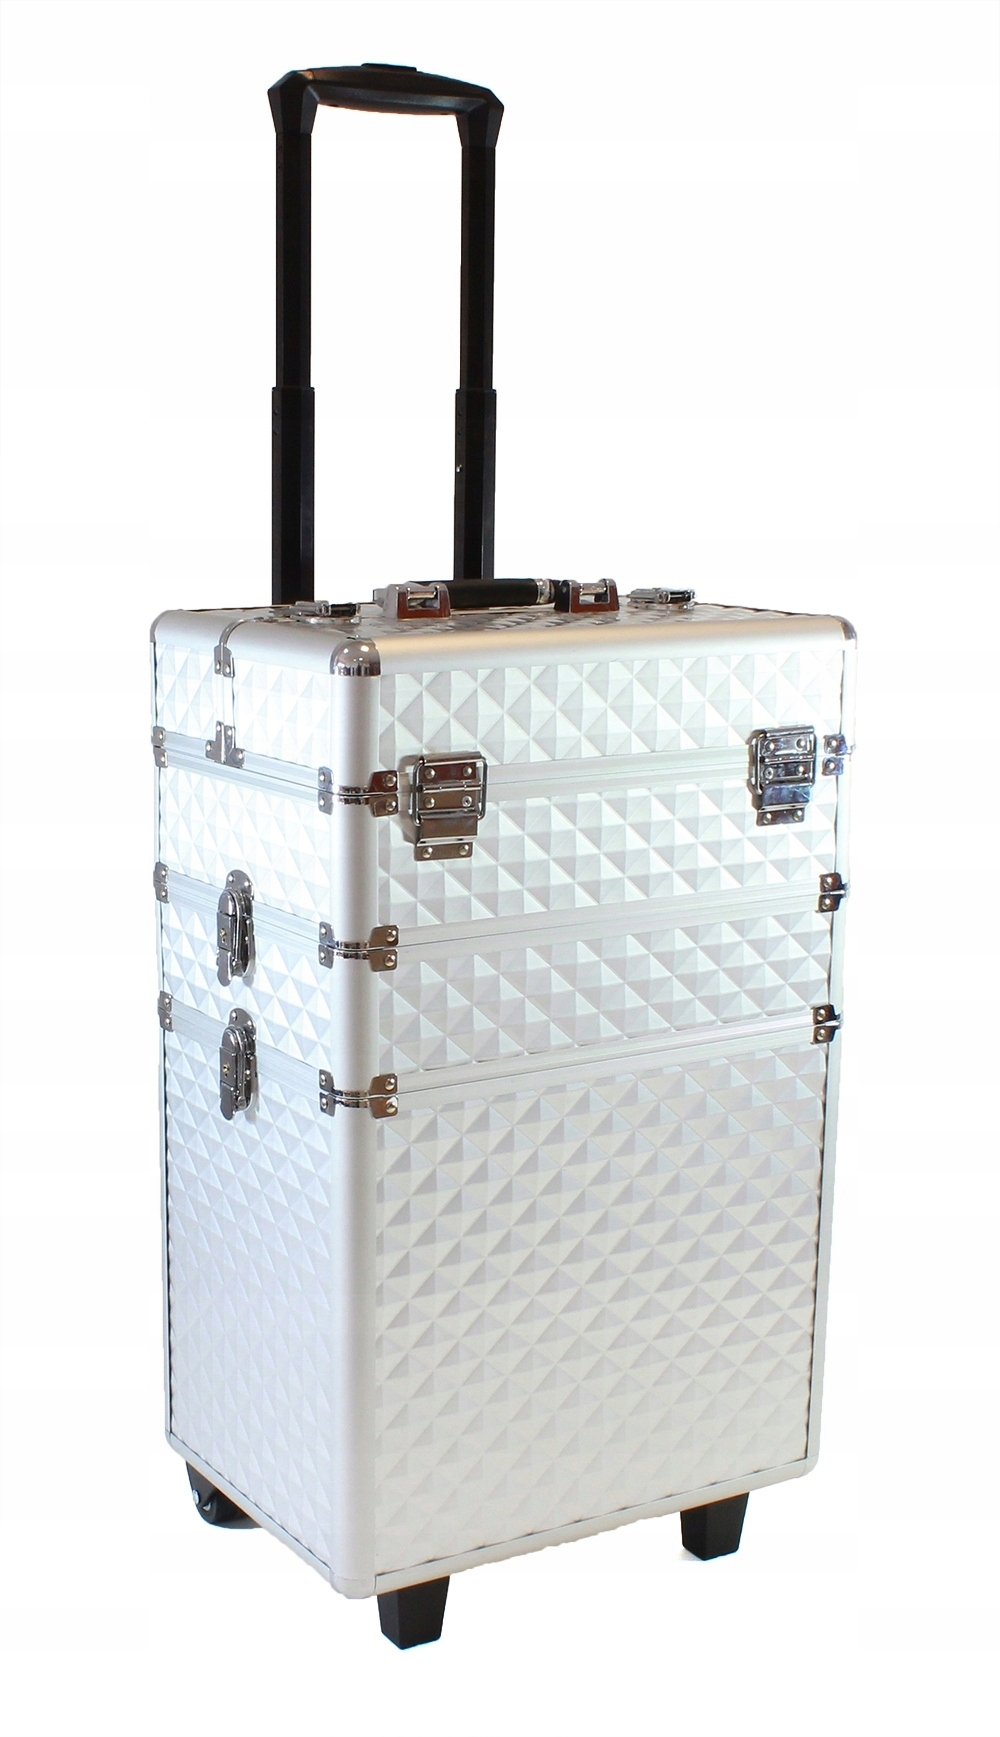 96859d2dfb7e5 kufer kosmetyczny w Oficjalnym Archiwum Allegro - Strona 7 - archiwum ofert